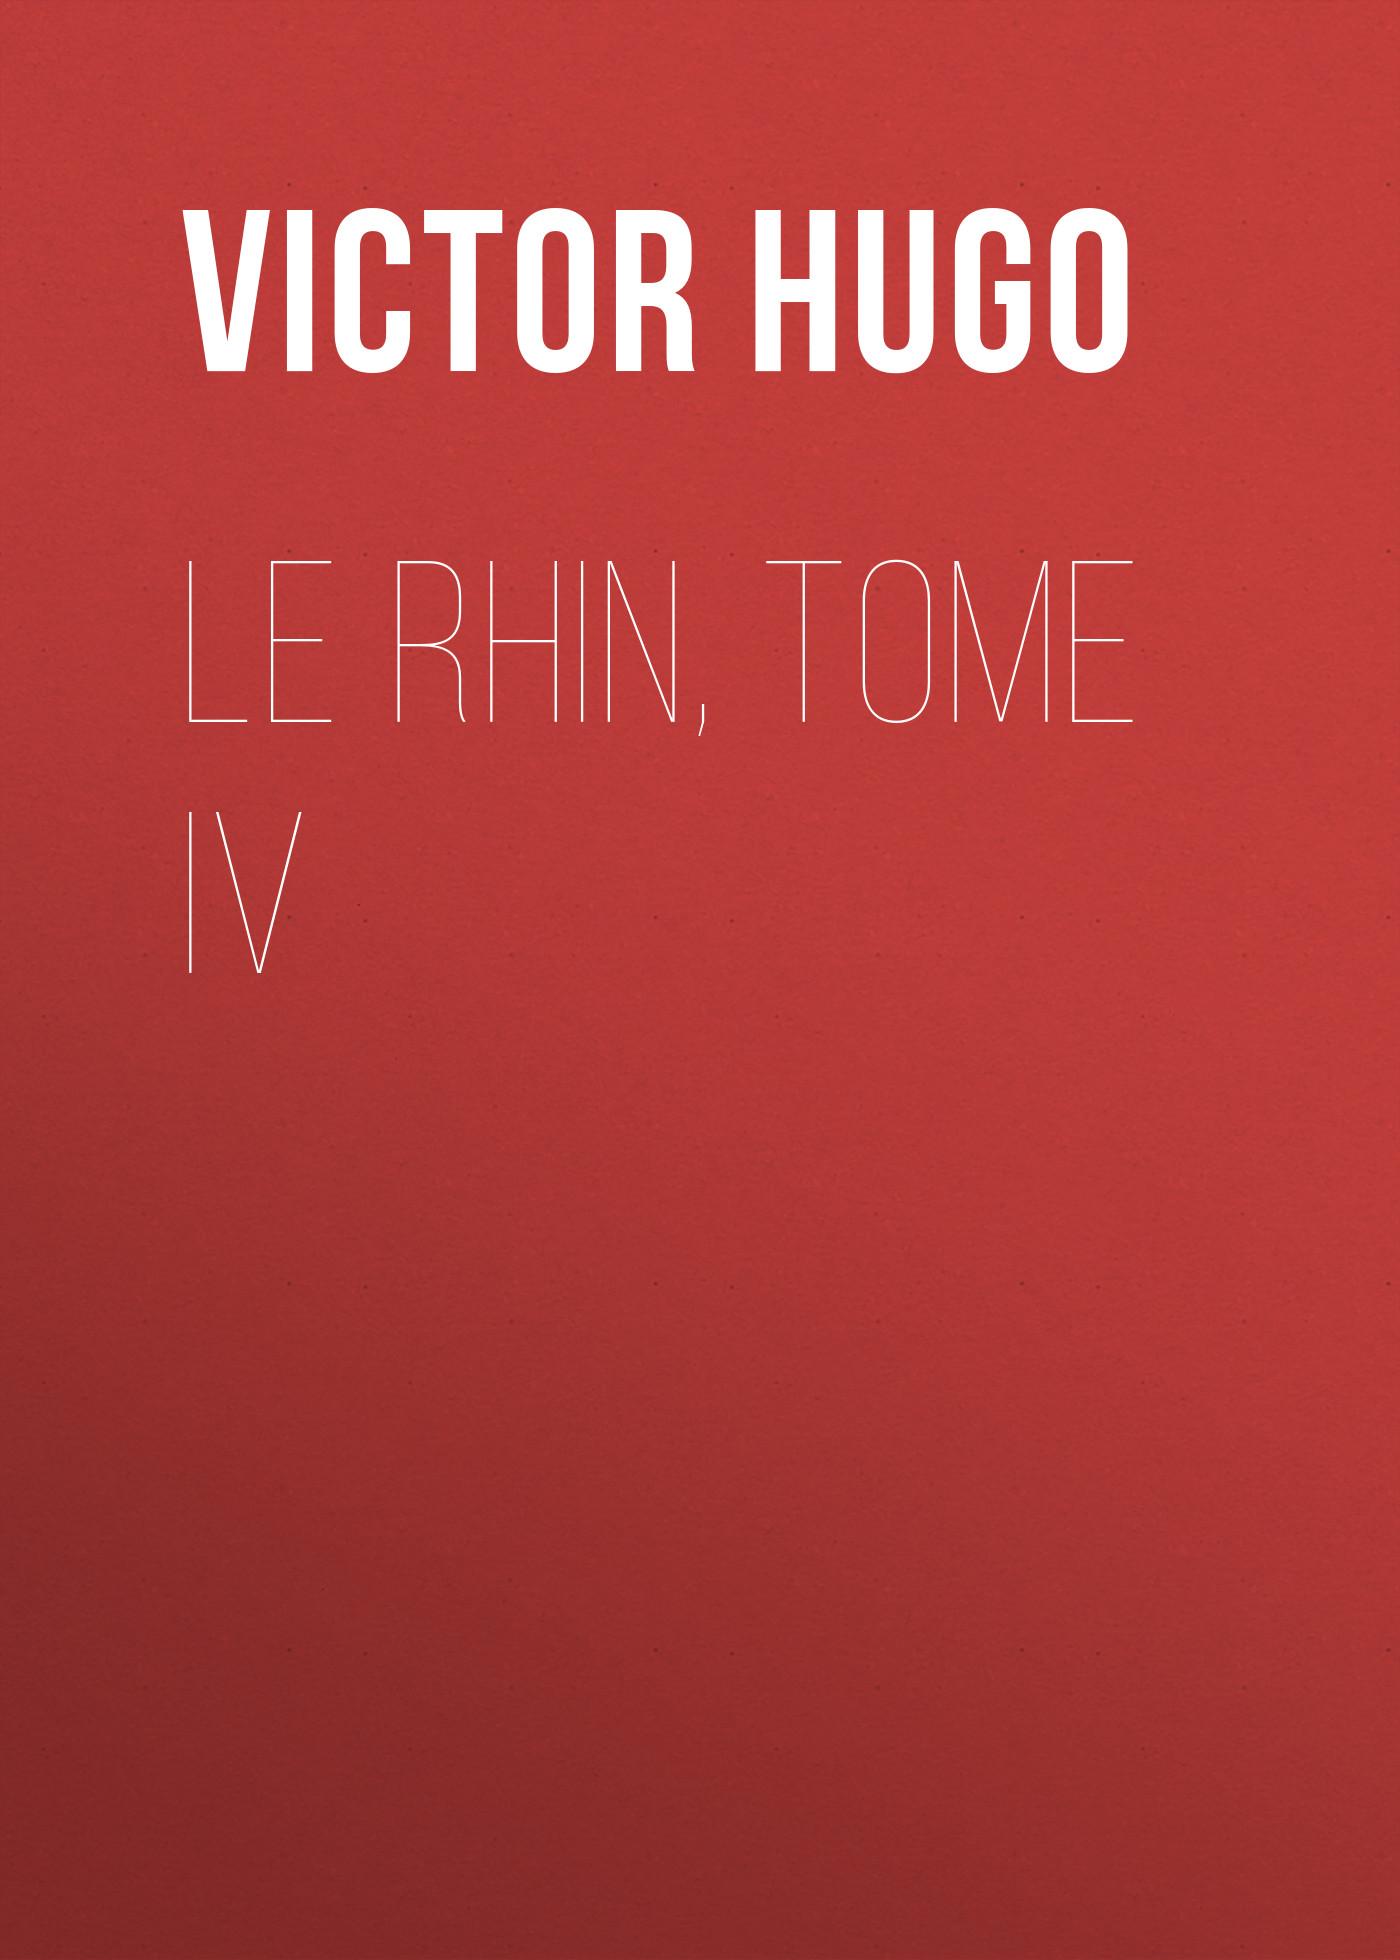 Виктор Мари Гюго Le Rhin, Tome IV виктор мари гюго les misérables tome ii cosette